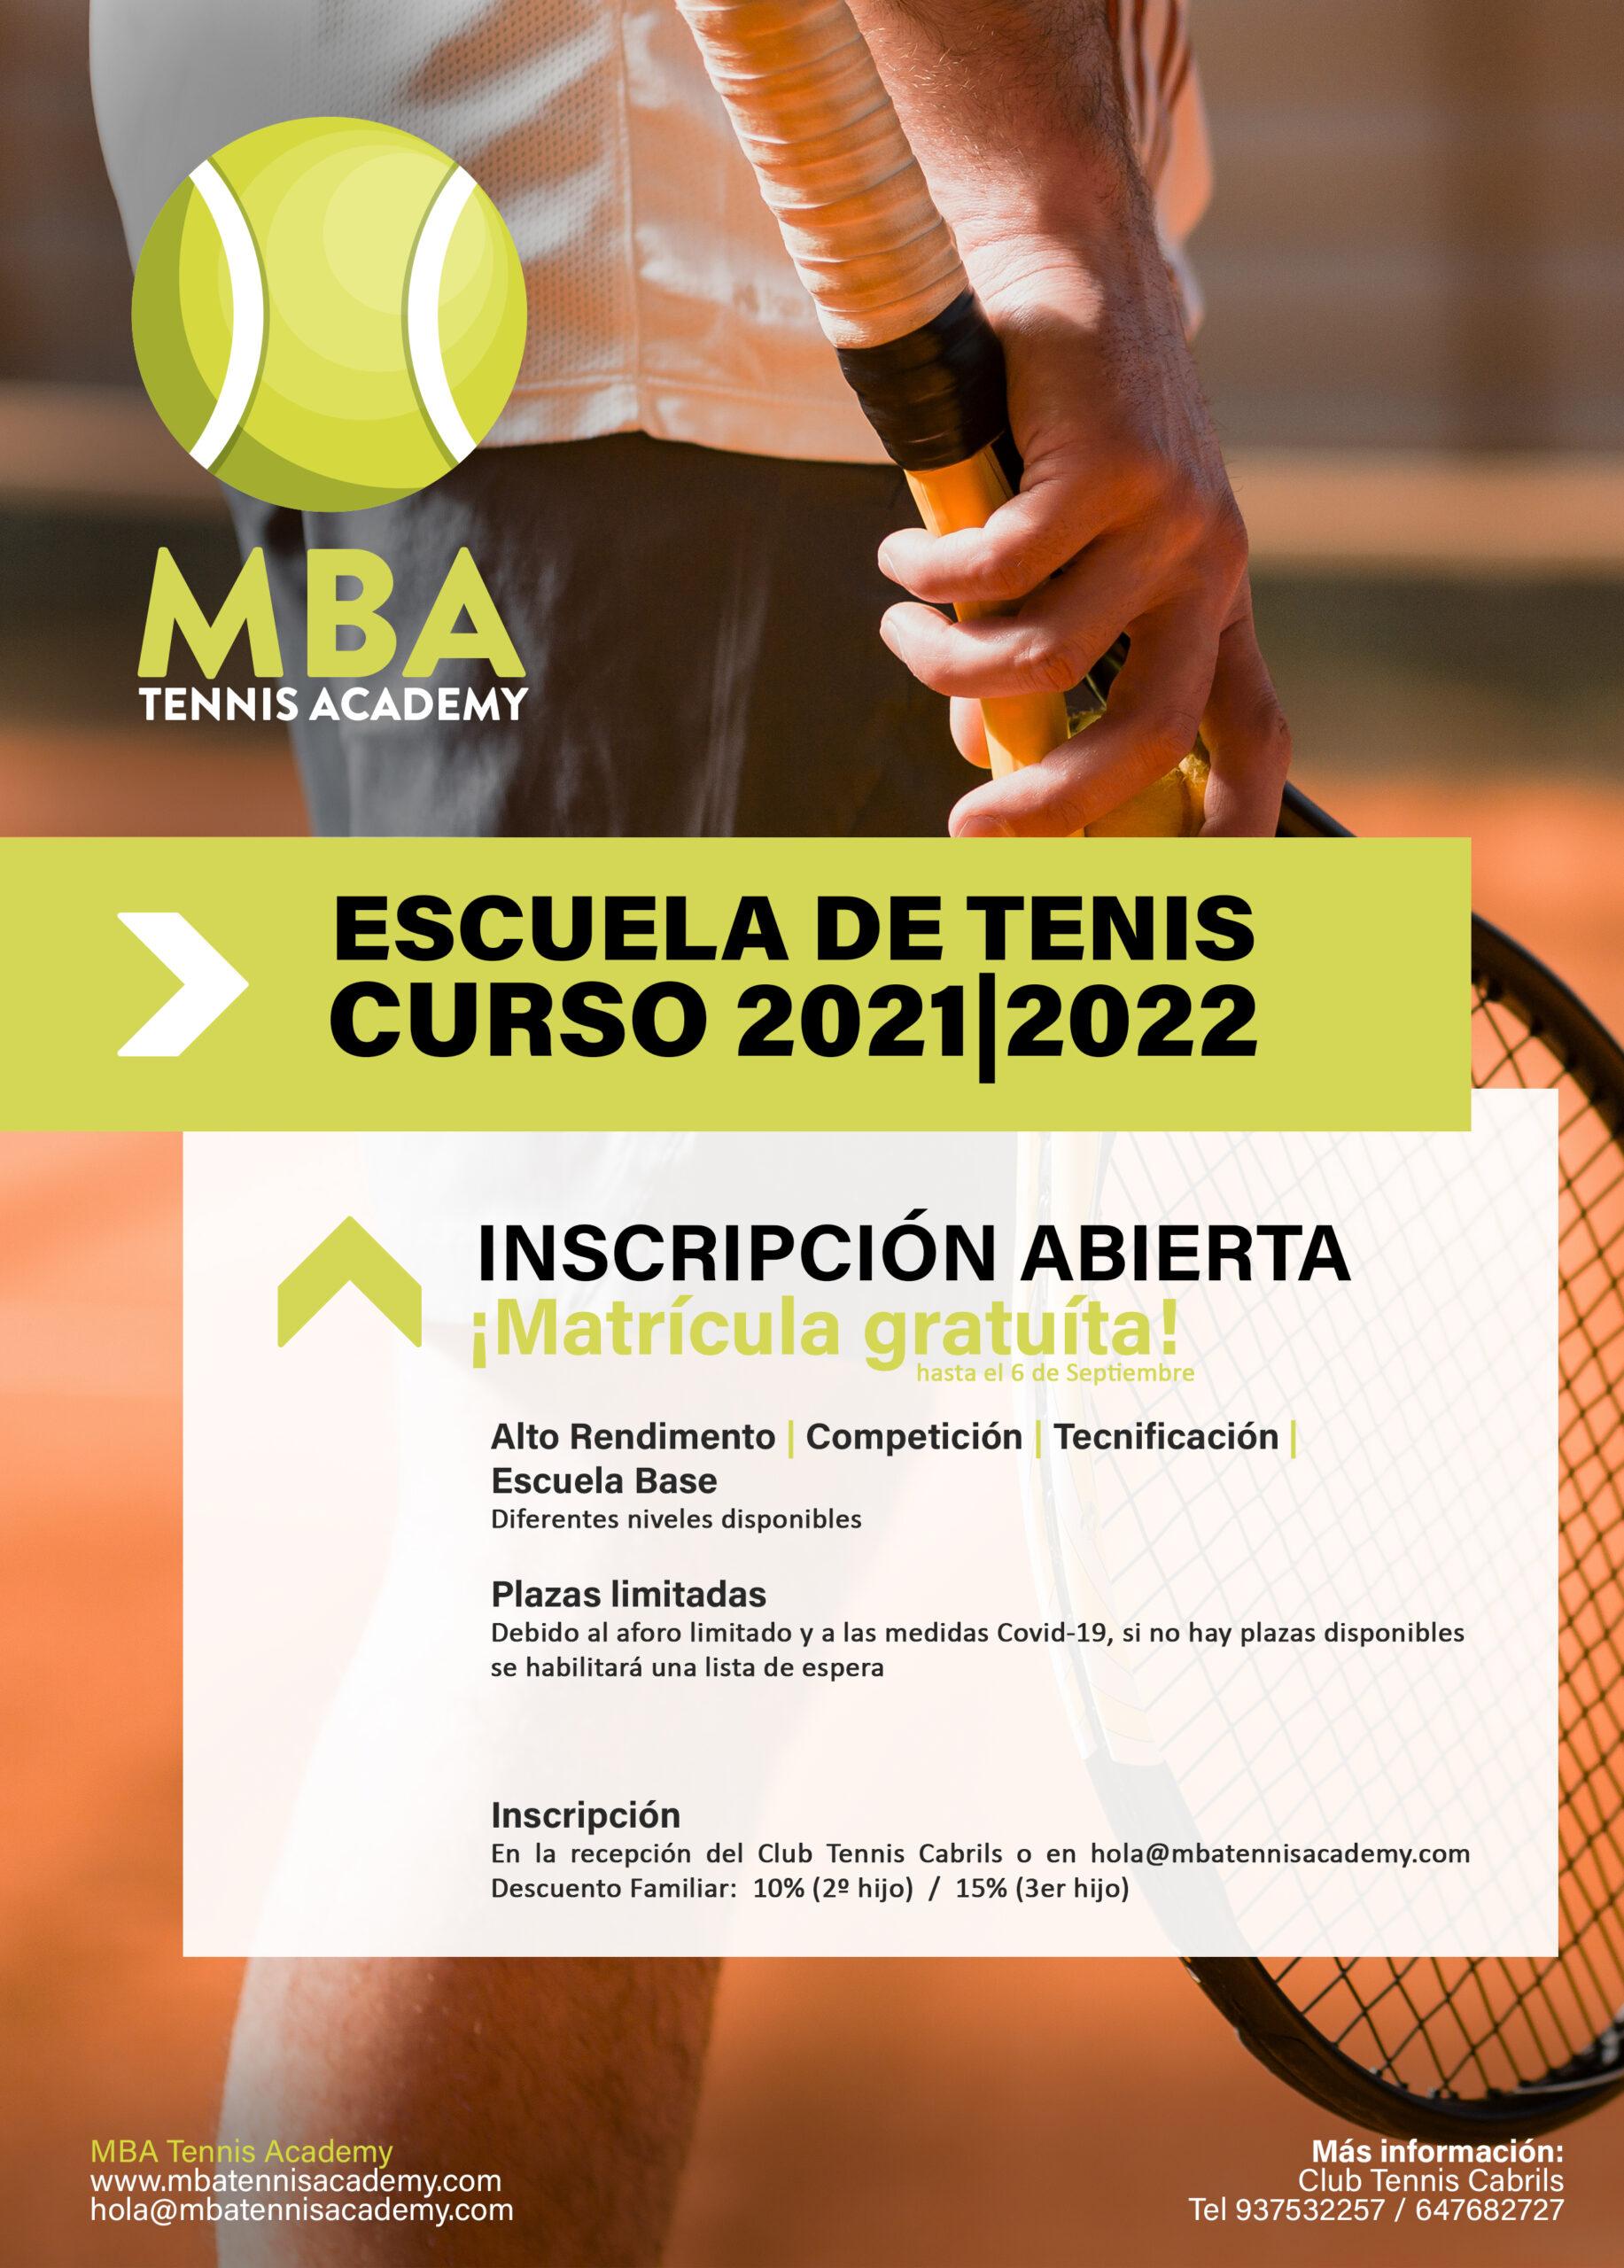 Escuela de tenis de Competicion